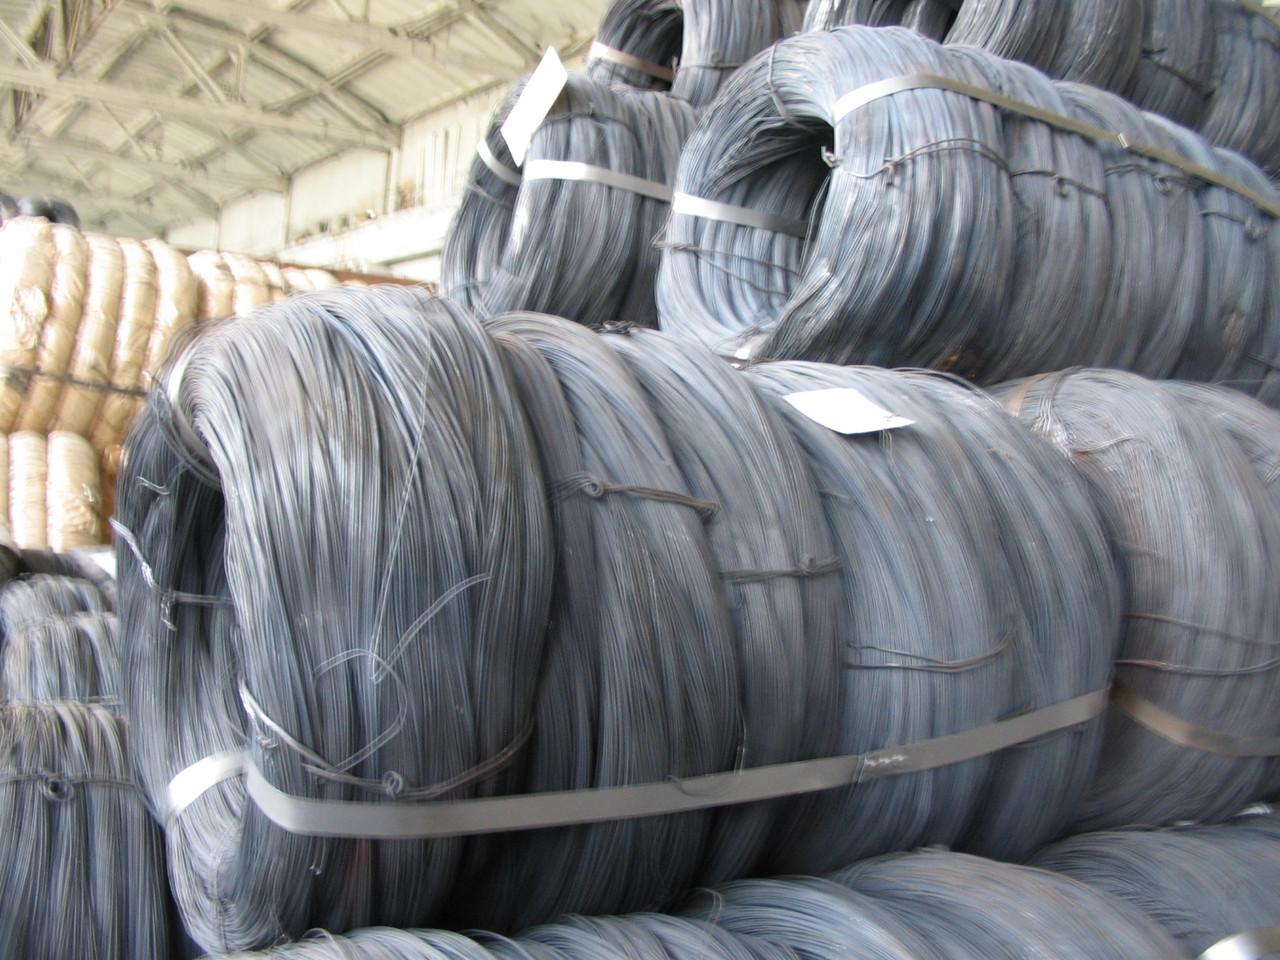 Проволока низкоуглеродистая термически обработанная  Гост 3282-74 ф0.8 мм купить цена доставка